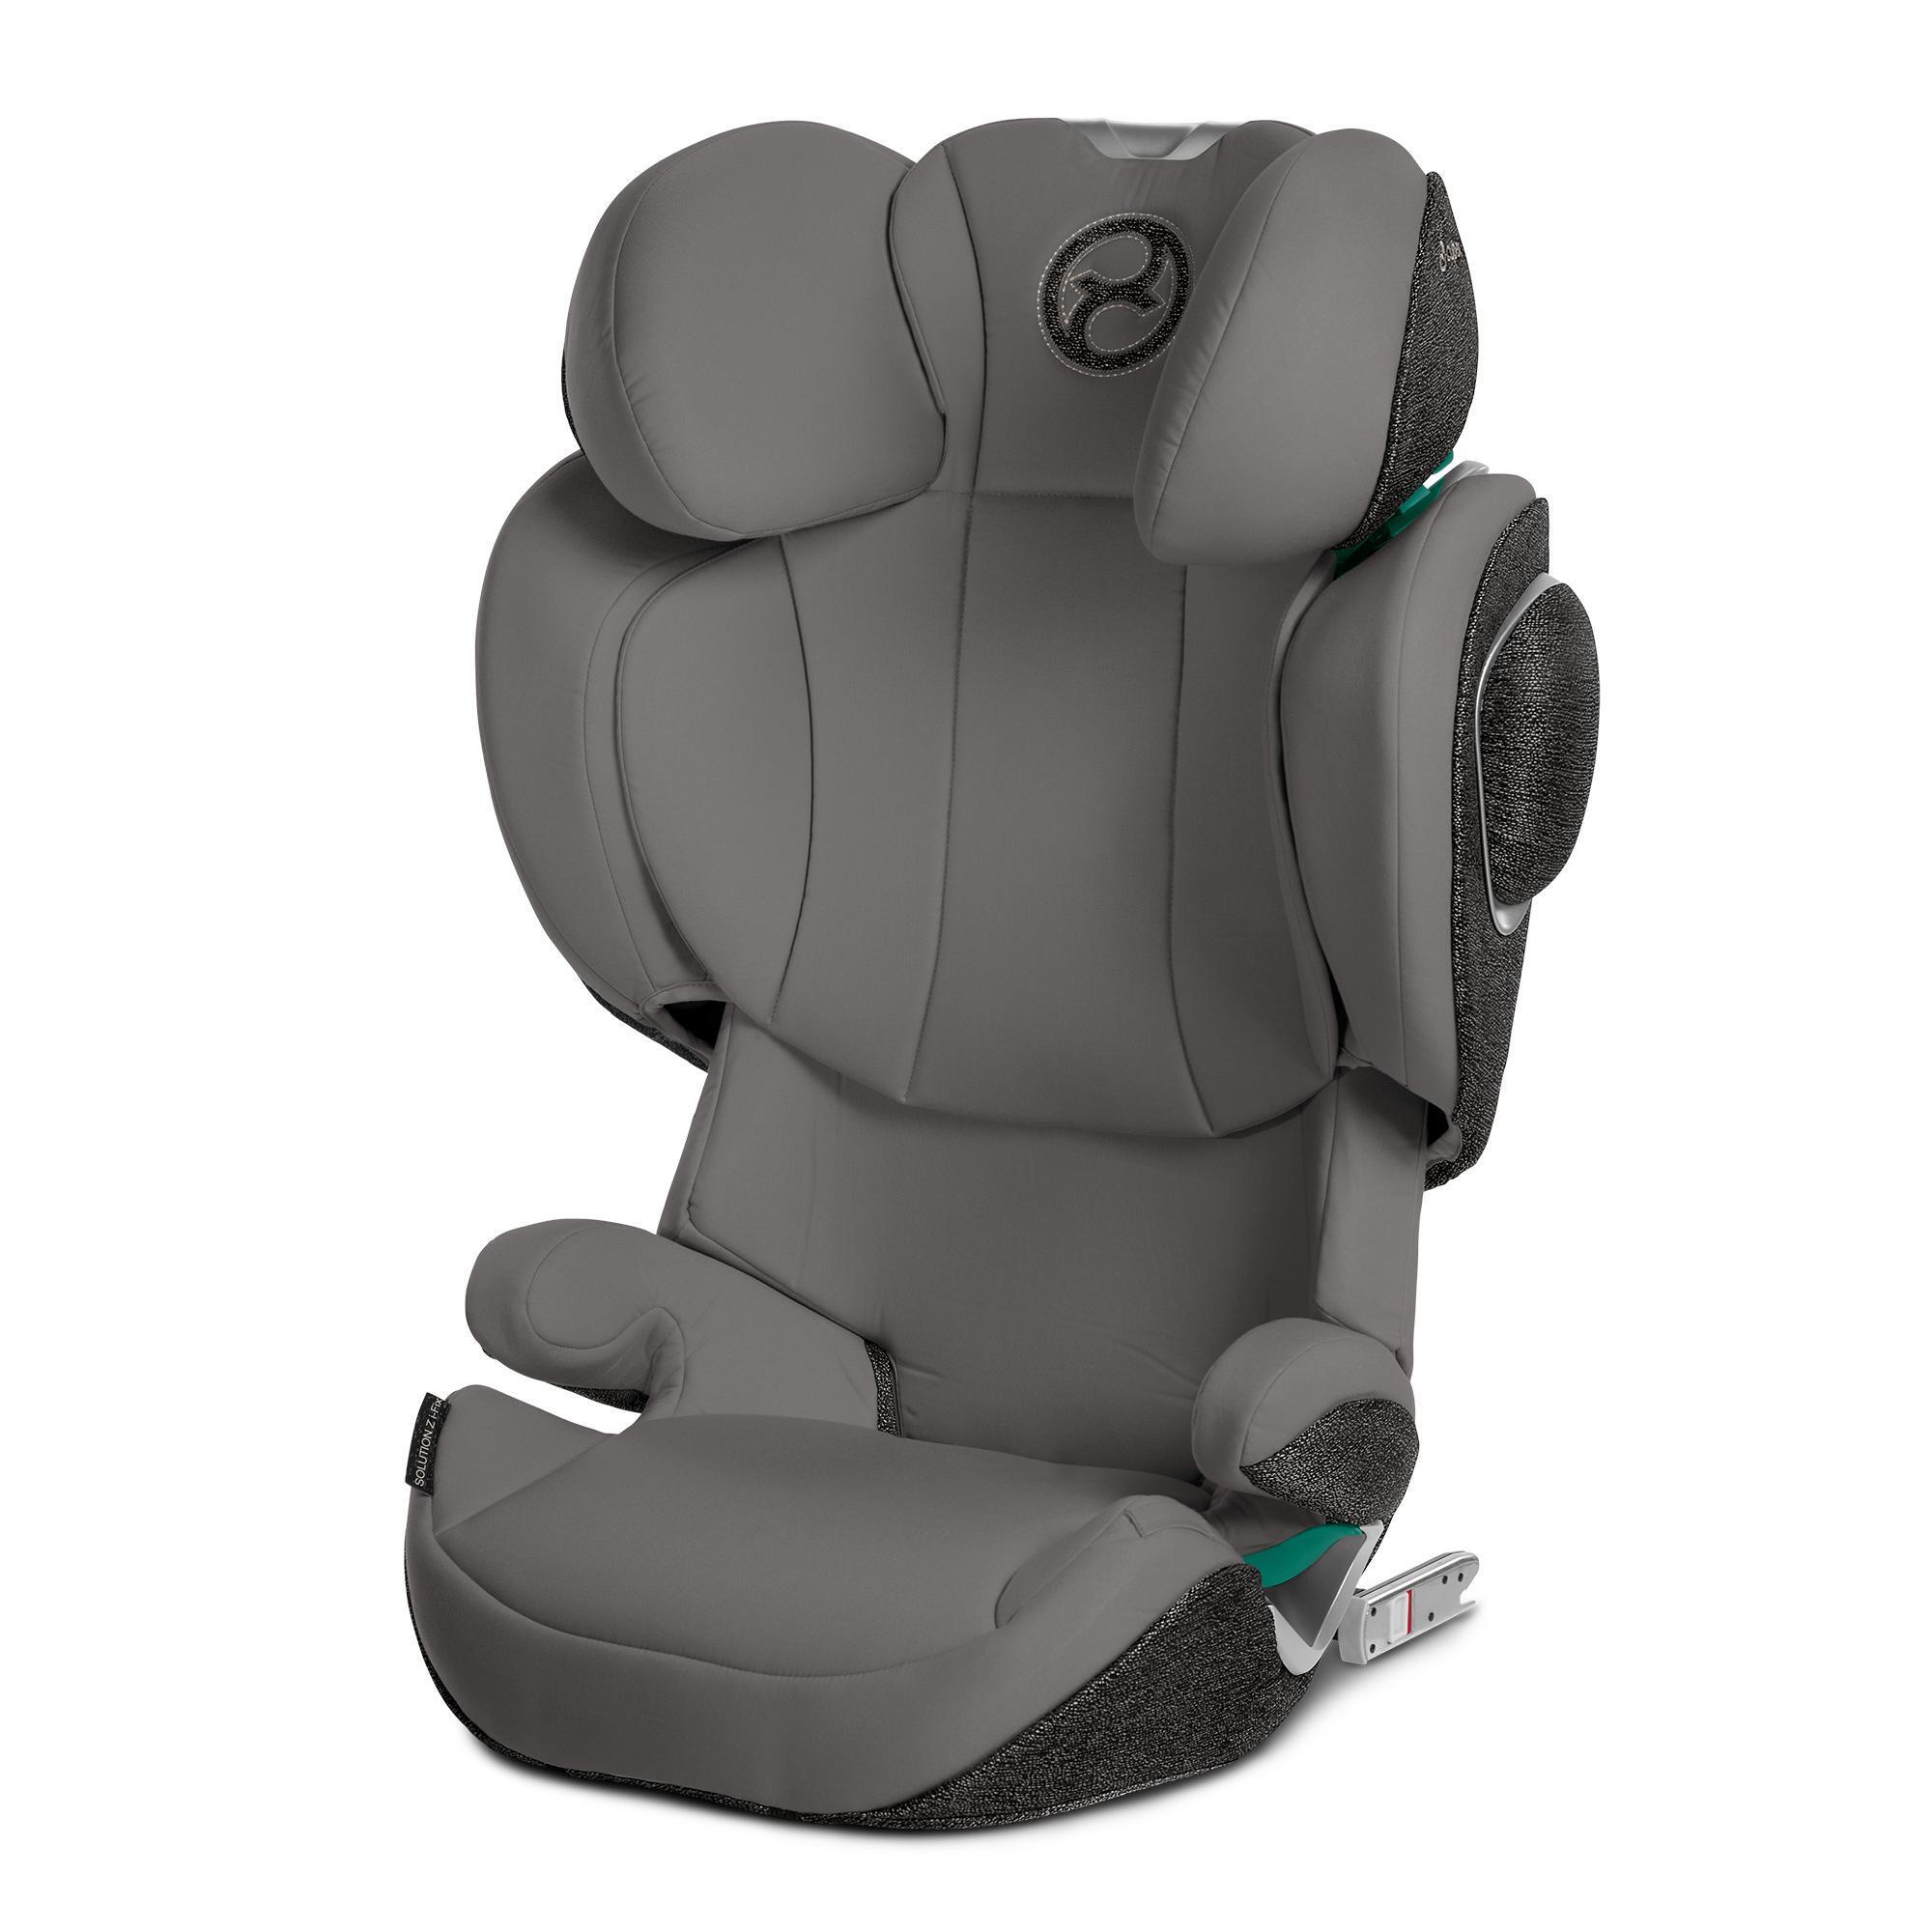 Cybex Solution Z-Fix Soho Grey Bērnu autosēdeklis 15-36 kg